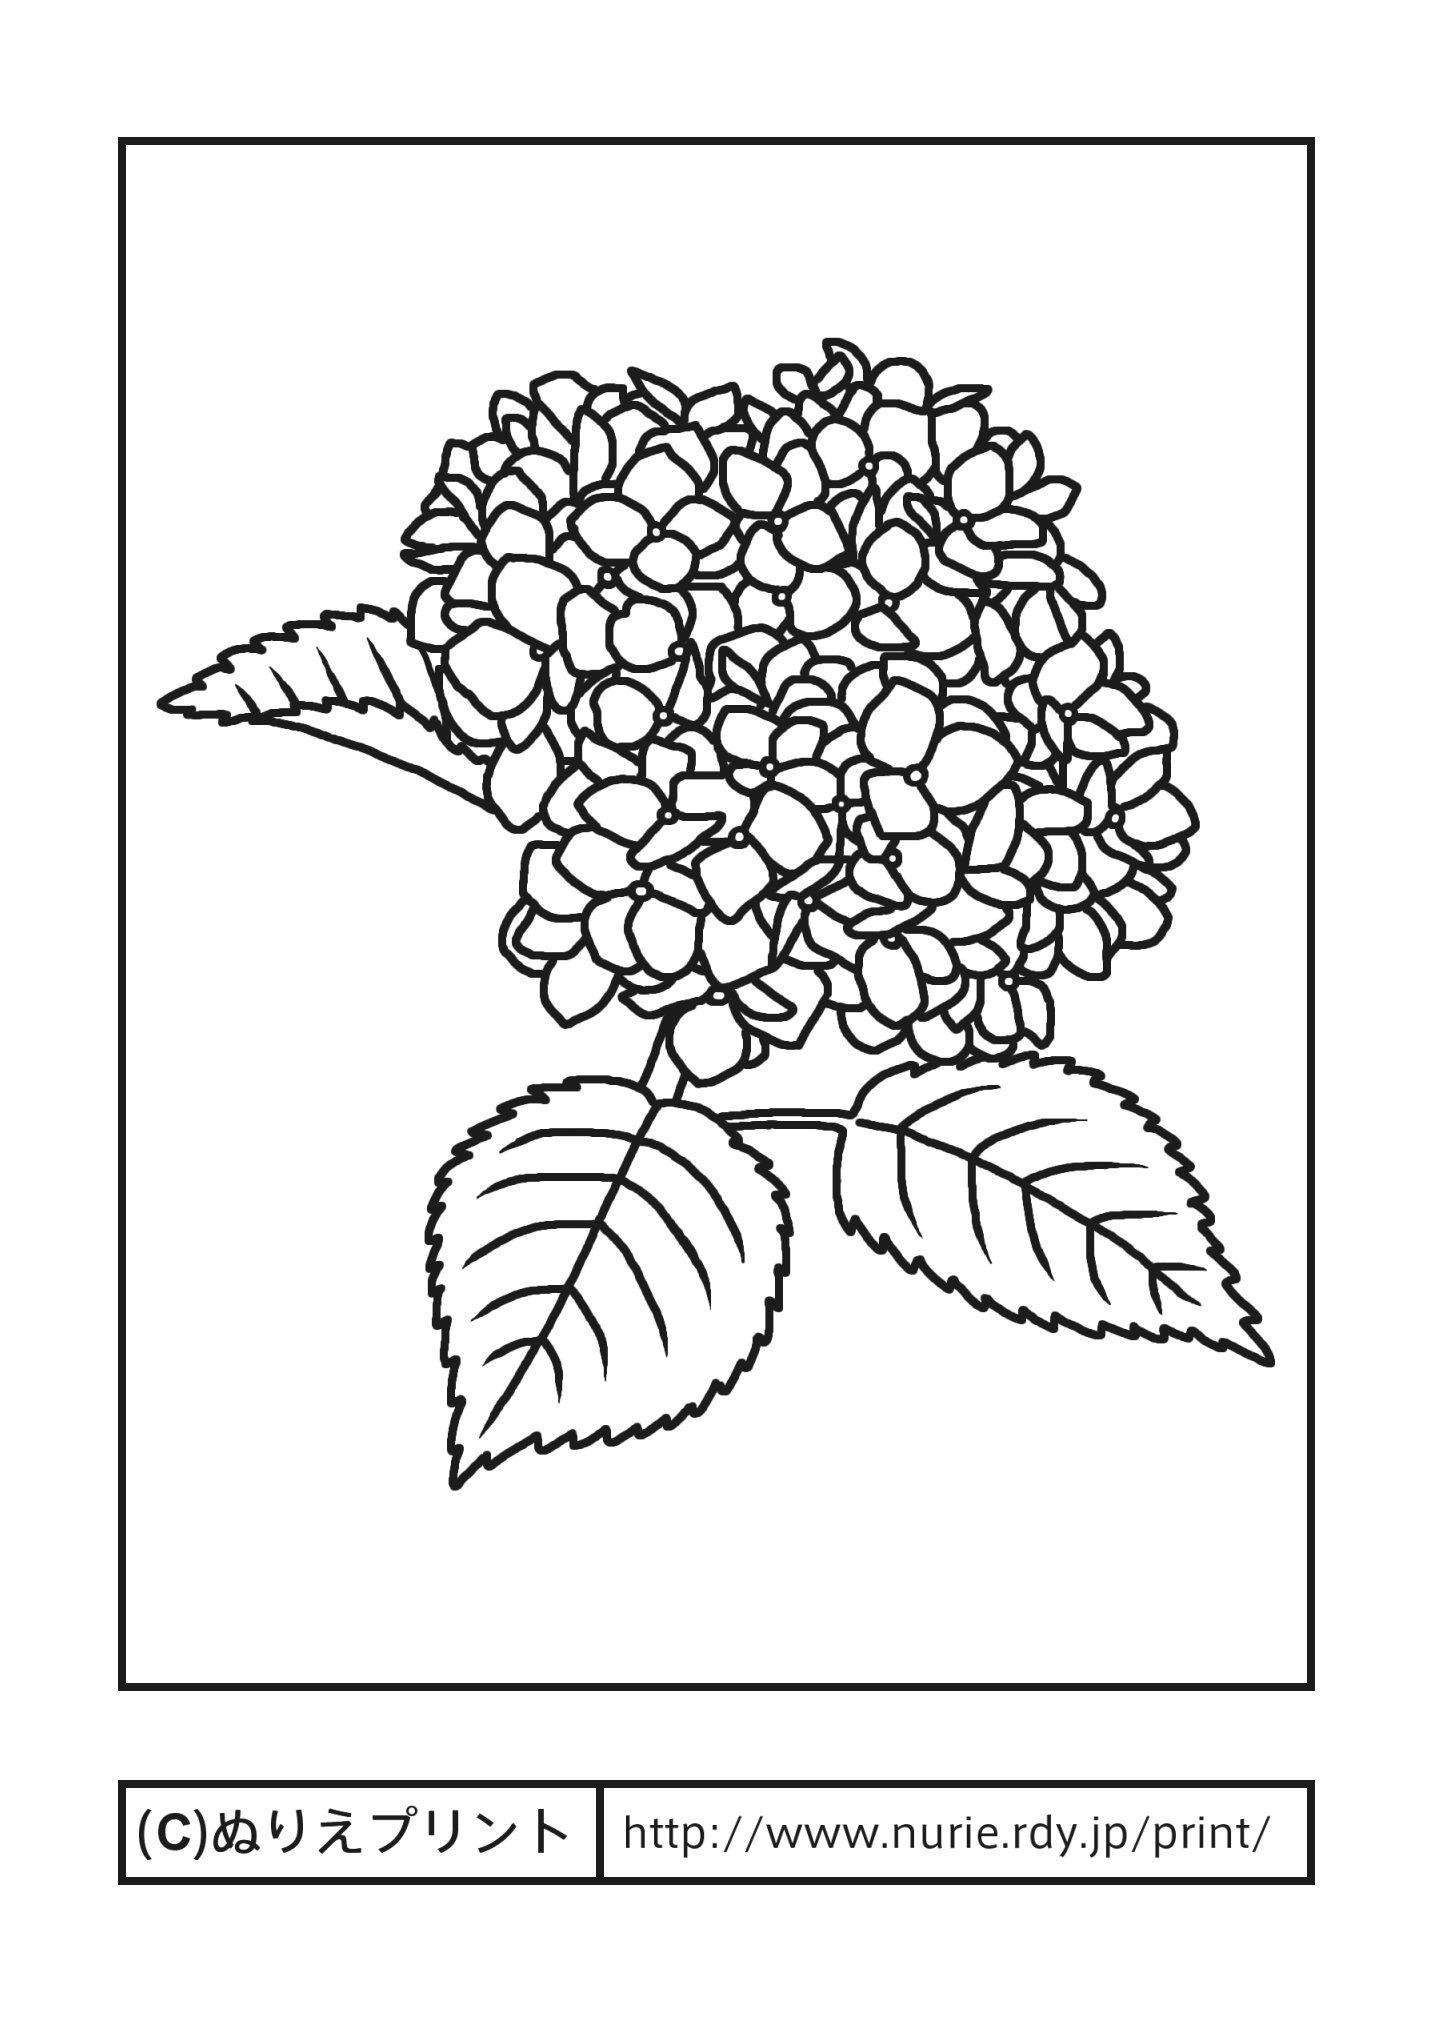 アジサイ主線黒夏の花無料塗り絵イラストぬりえプリント